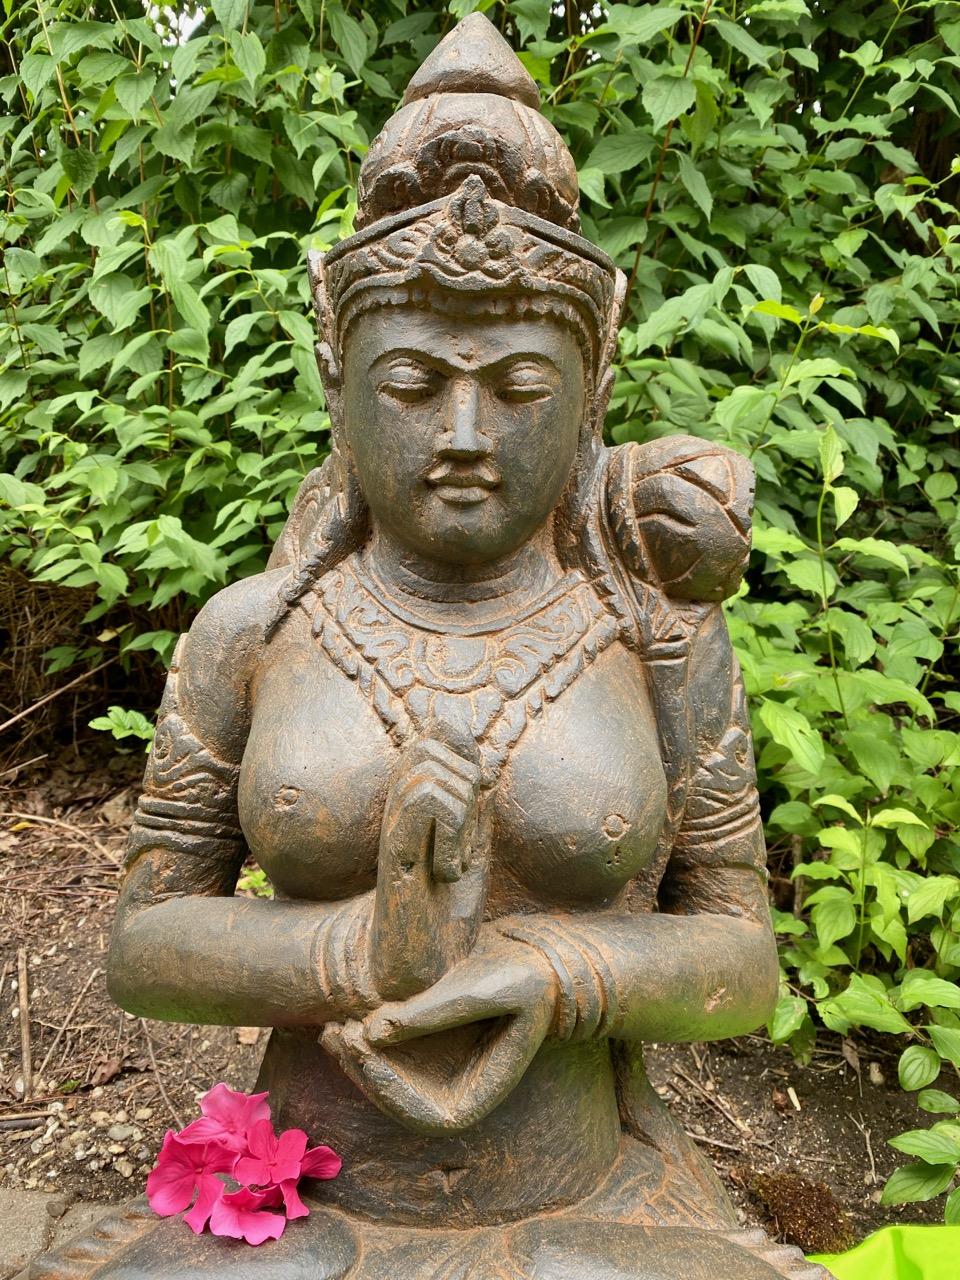 Göttin Dewi Tara aus massivem Stein